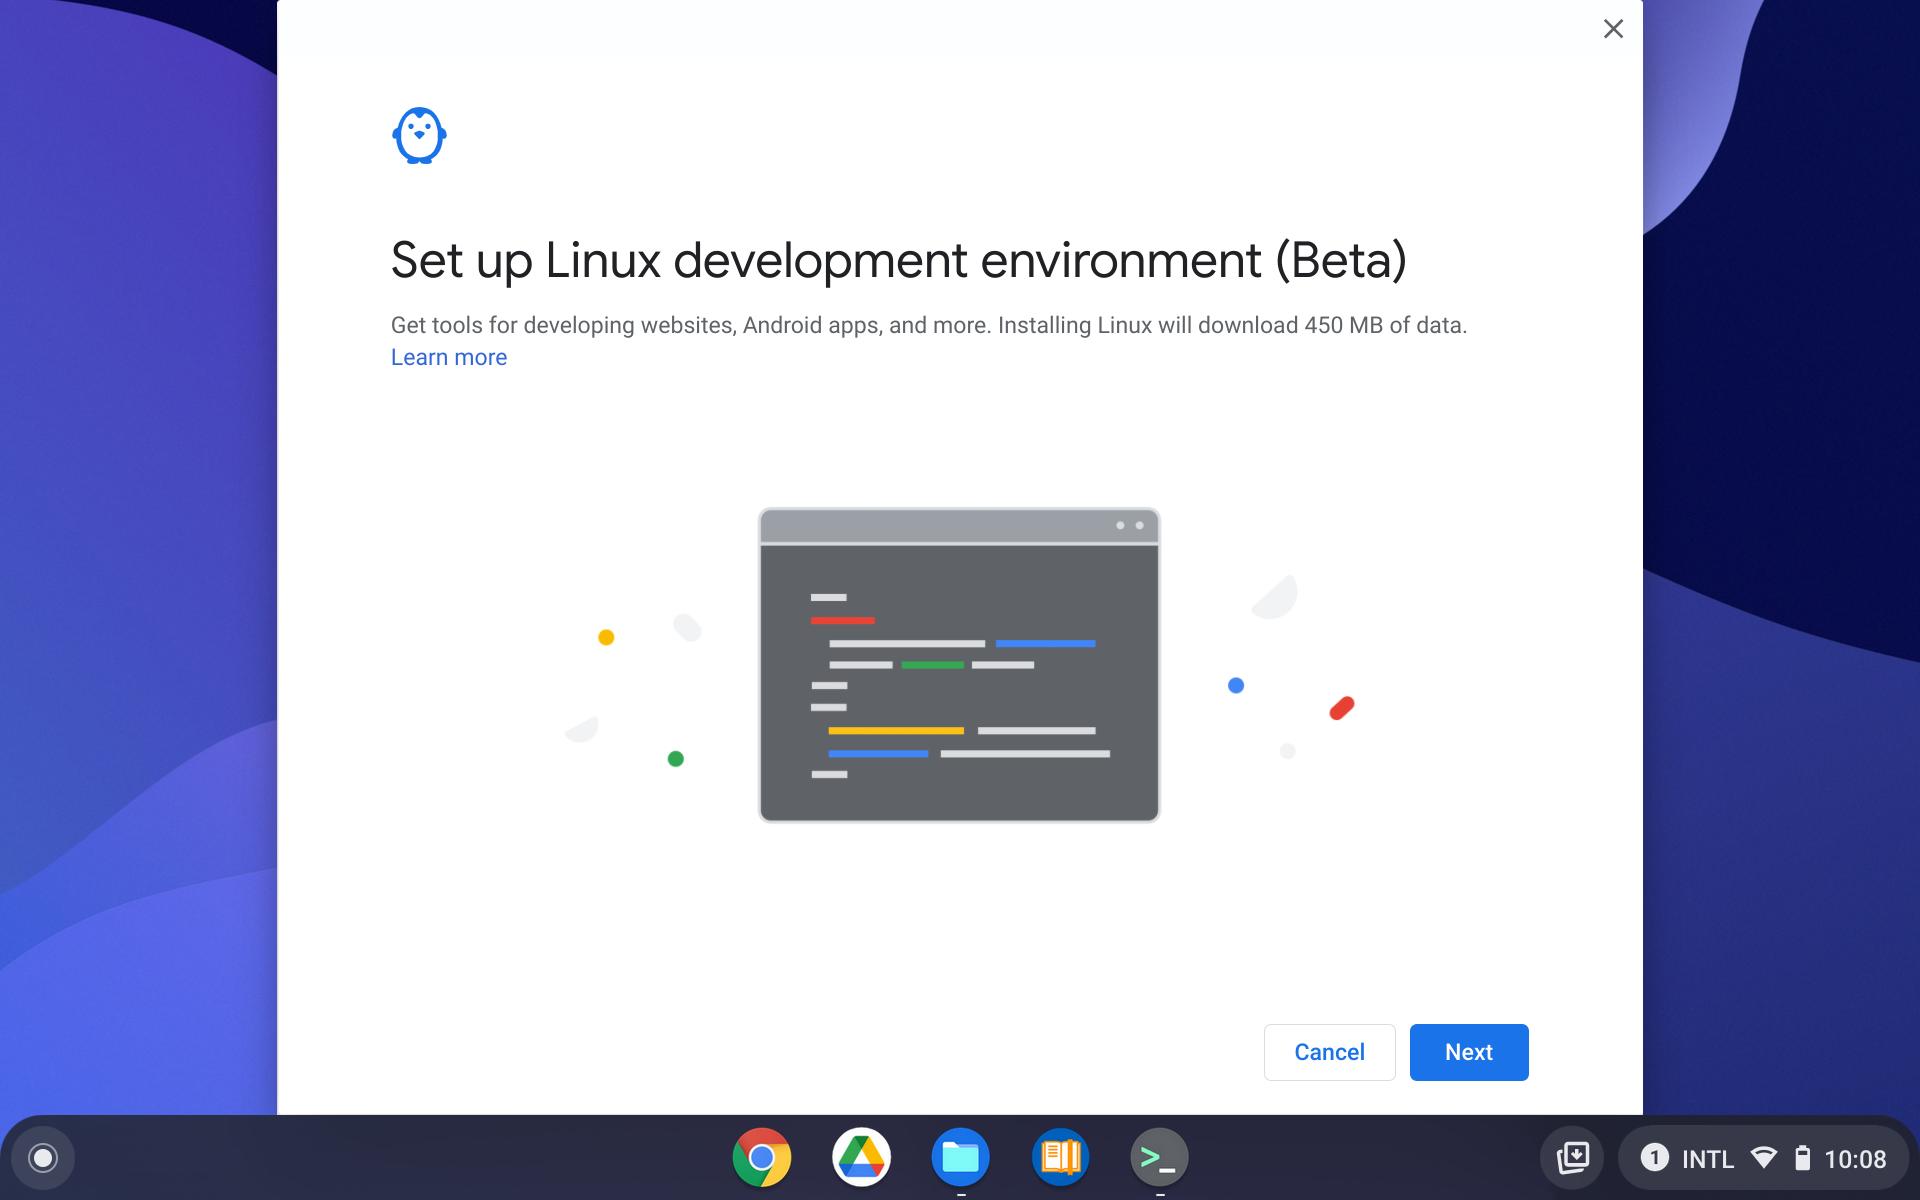 ChromeOS Linux setup